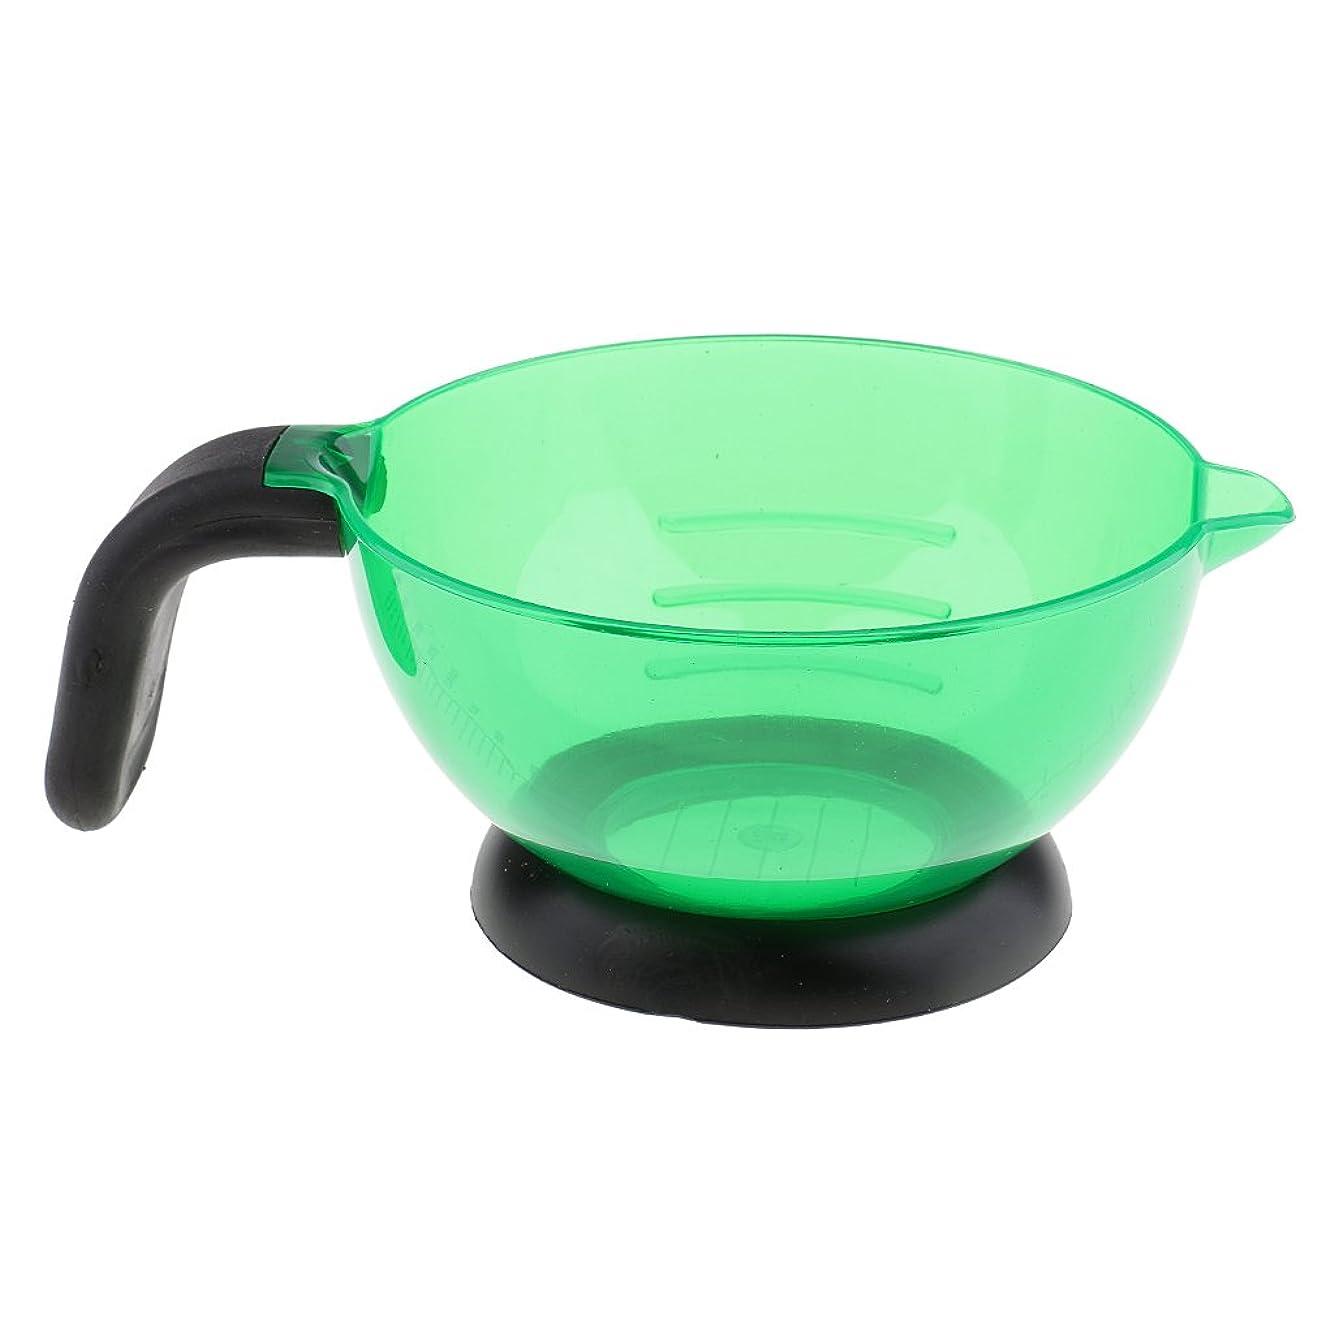 副ドレイン前任者Fenteer 全3色 ヘアカラー 多機能 染め用具 美容室/サロン 染剤ボウル 調和用ボウル シリコン製 - 緑